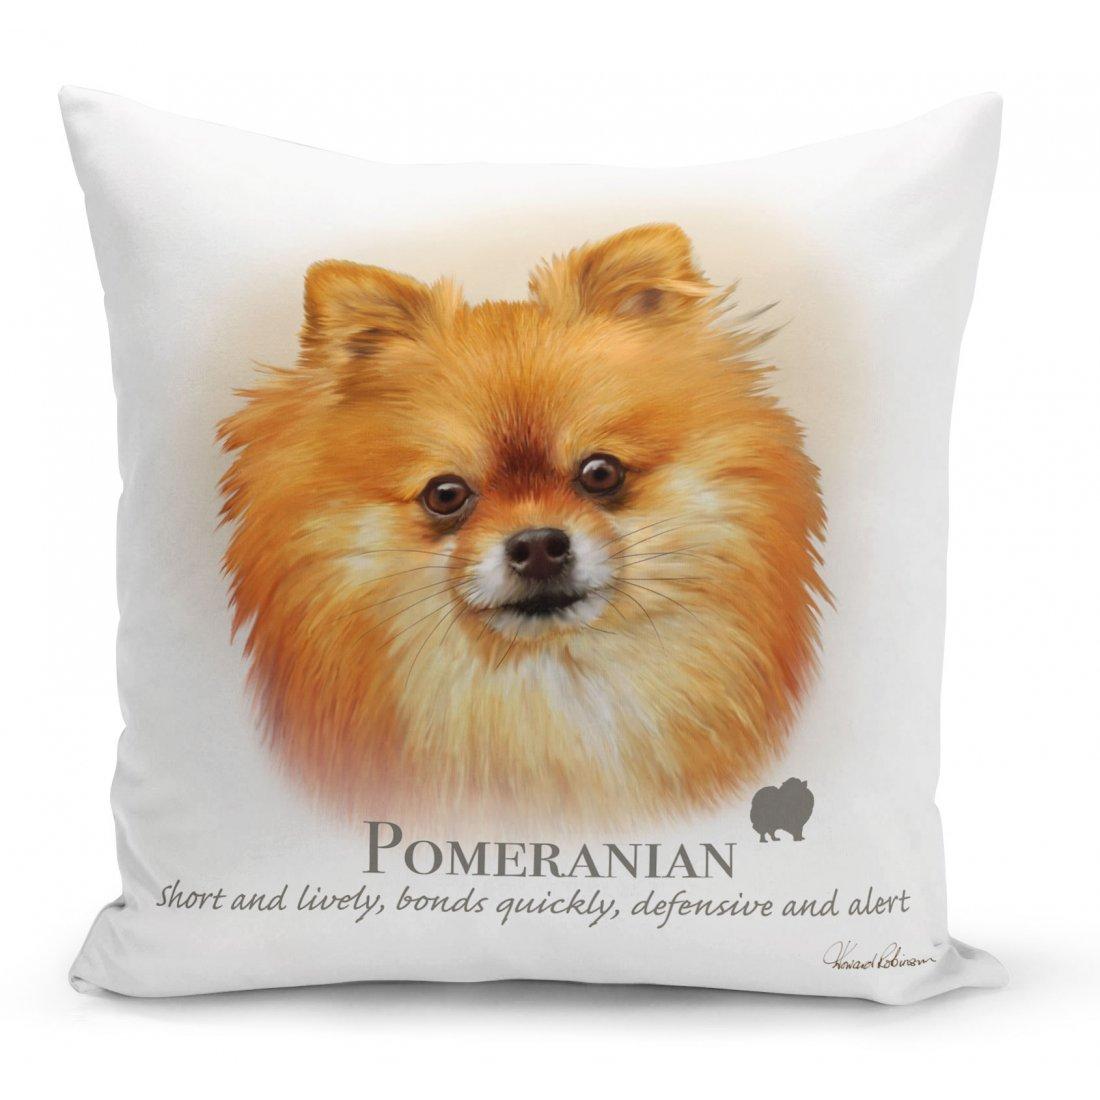 Pomeranian Dog Cushion